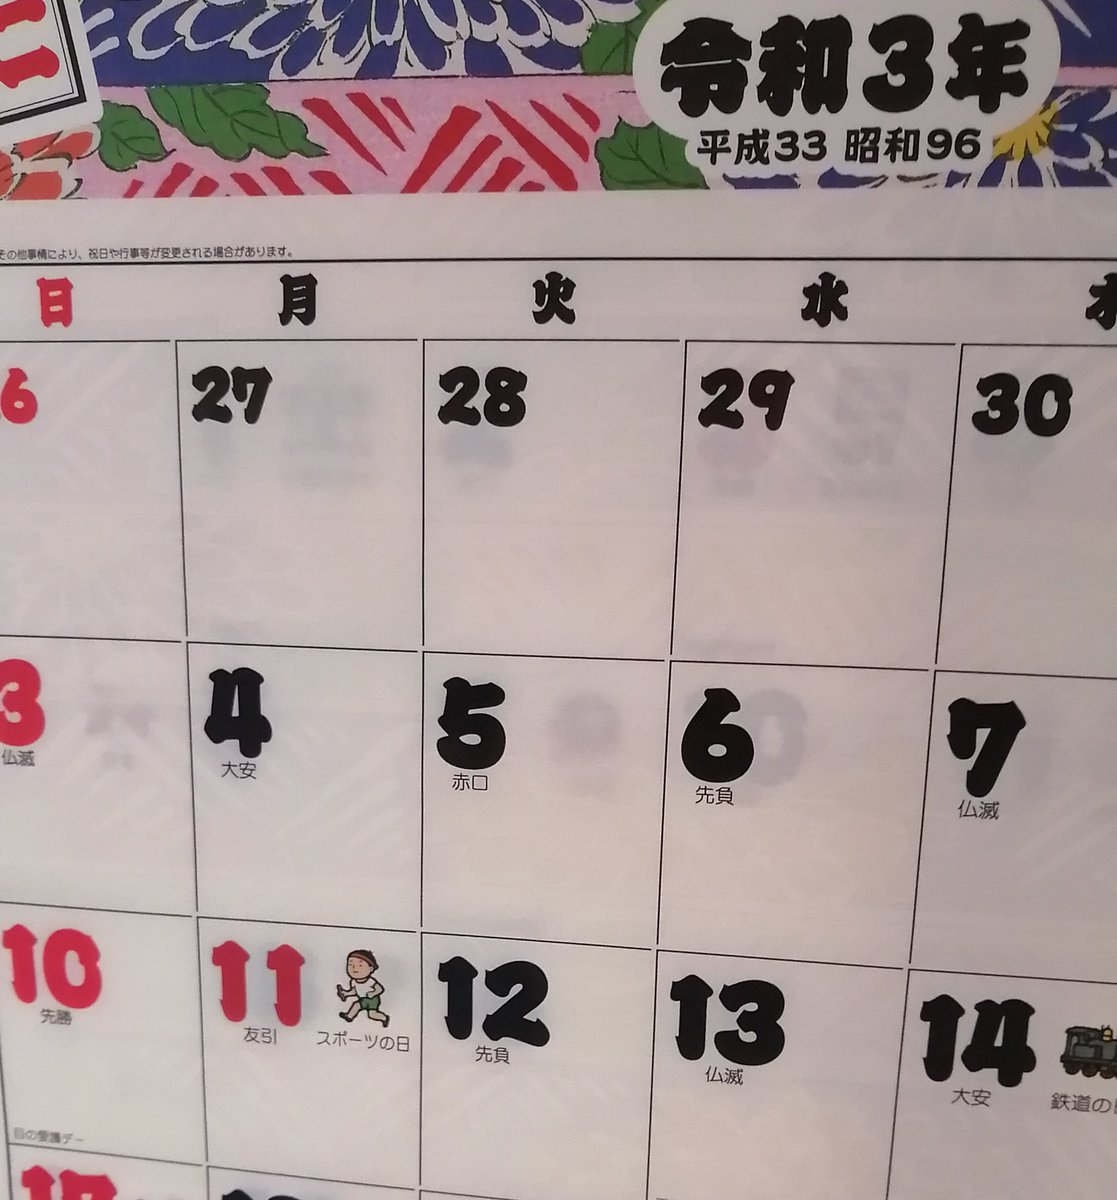 月めくりの5月のカレンダーをはがしたら…7月19日と8月9に貼り付けよう!